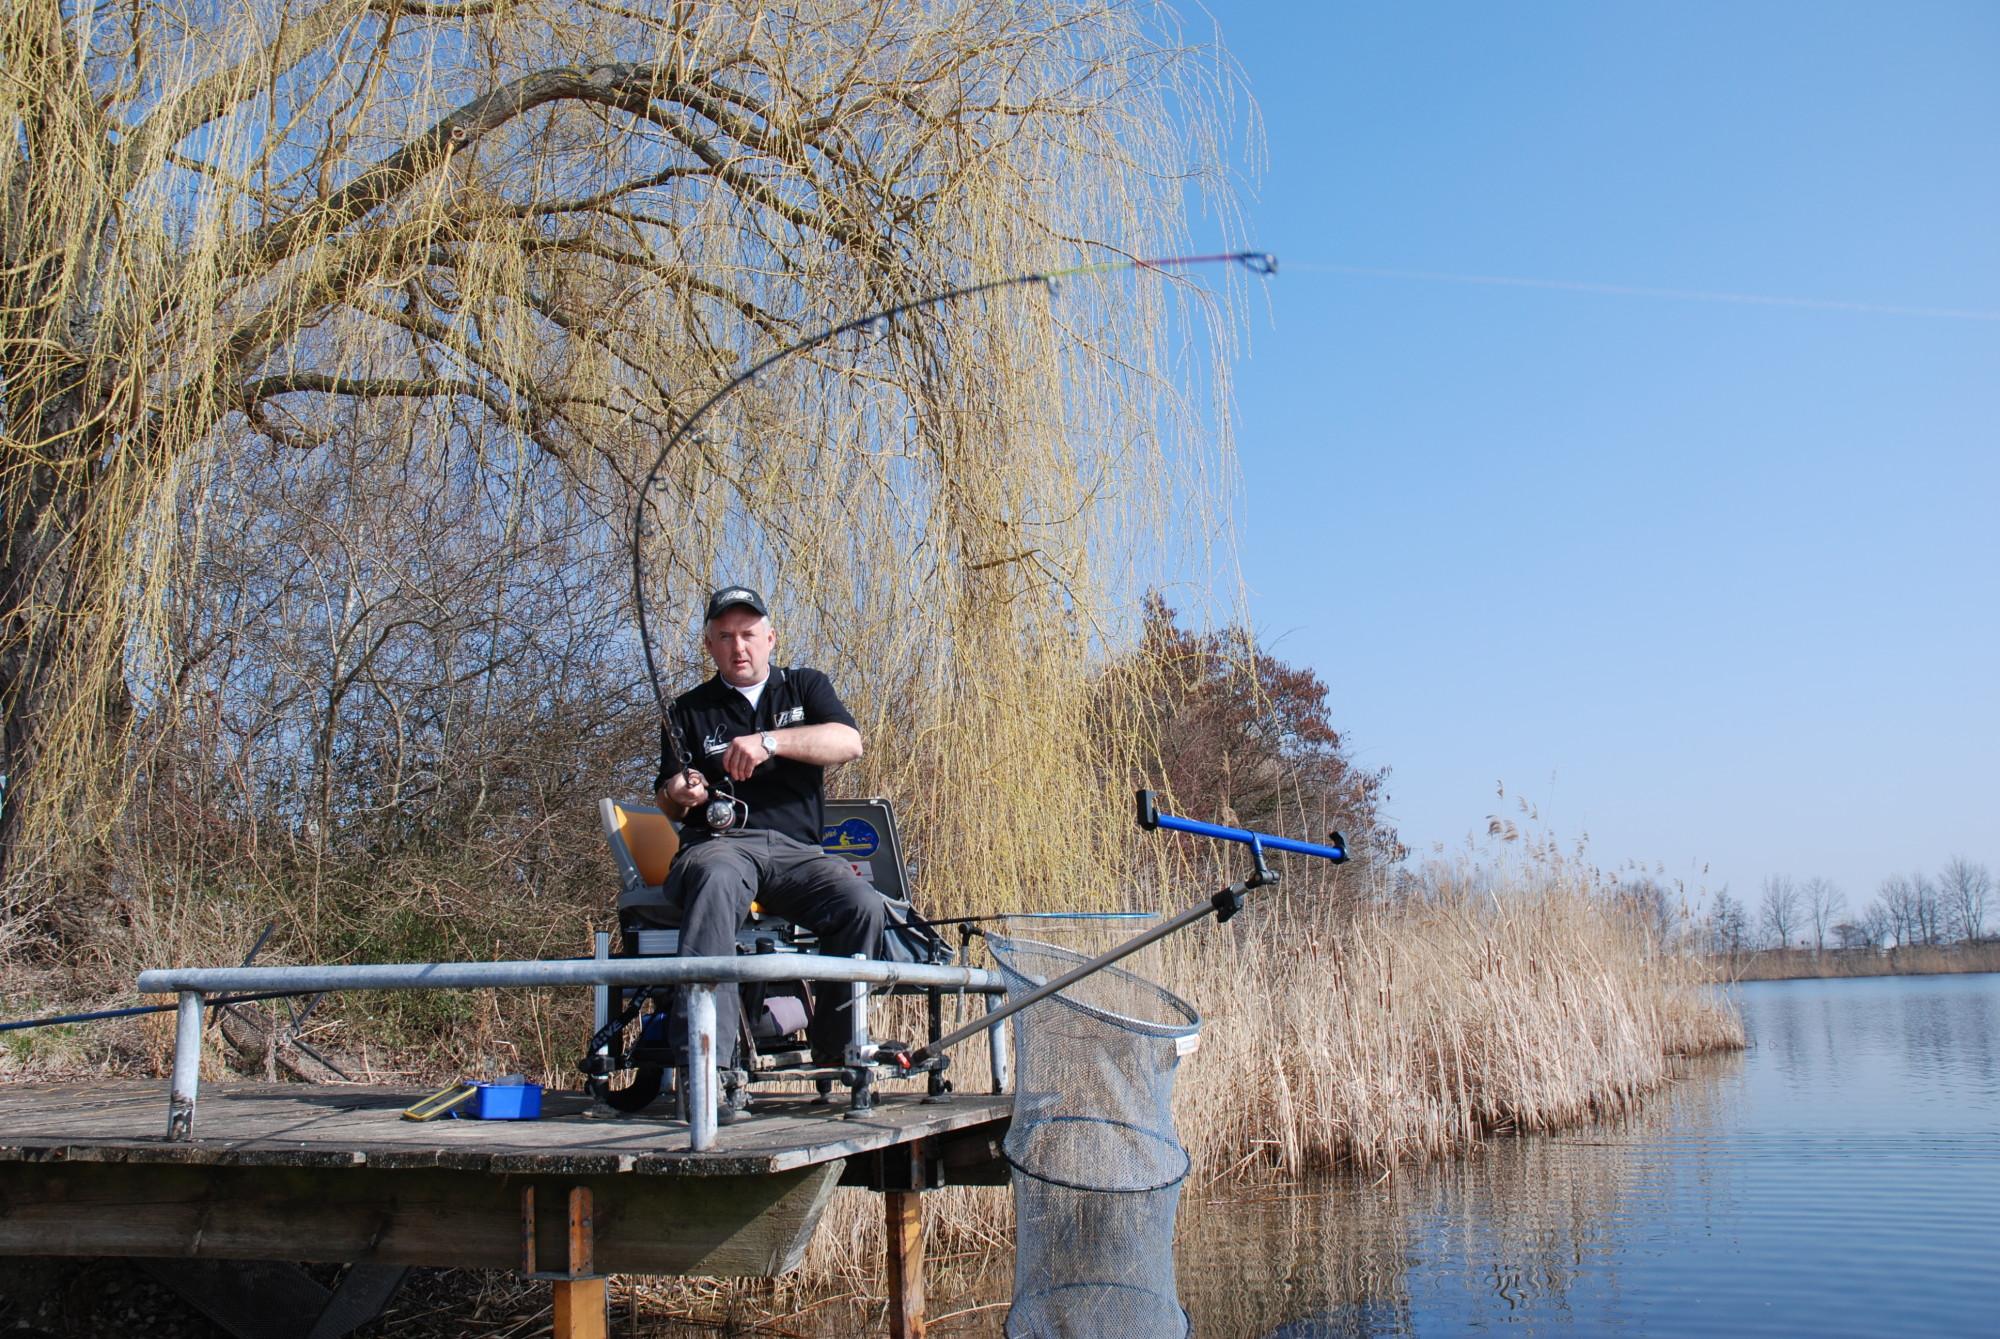 Brassen angeln mit der Feederrute: Anhieb! Ein weiterer Brassen ist gehakt und wird über die Rute ans Ufer gedrillt.